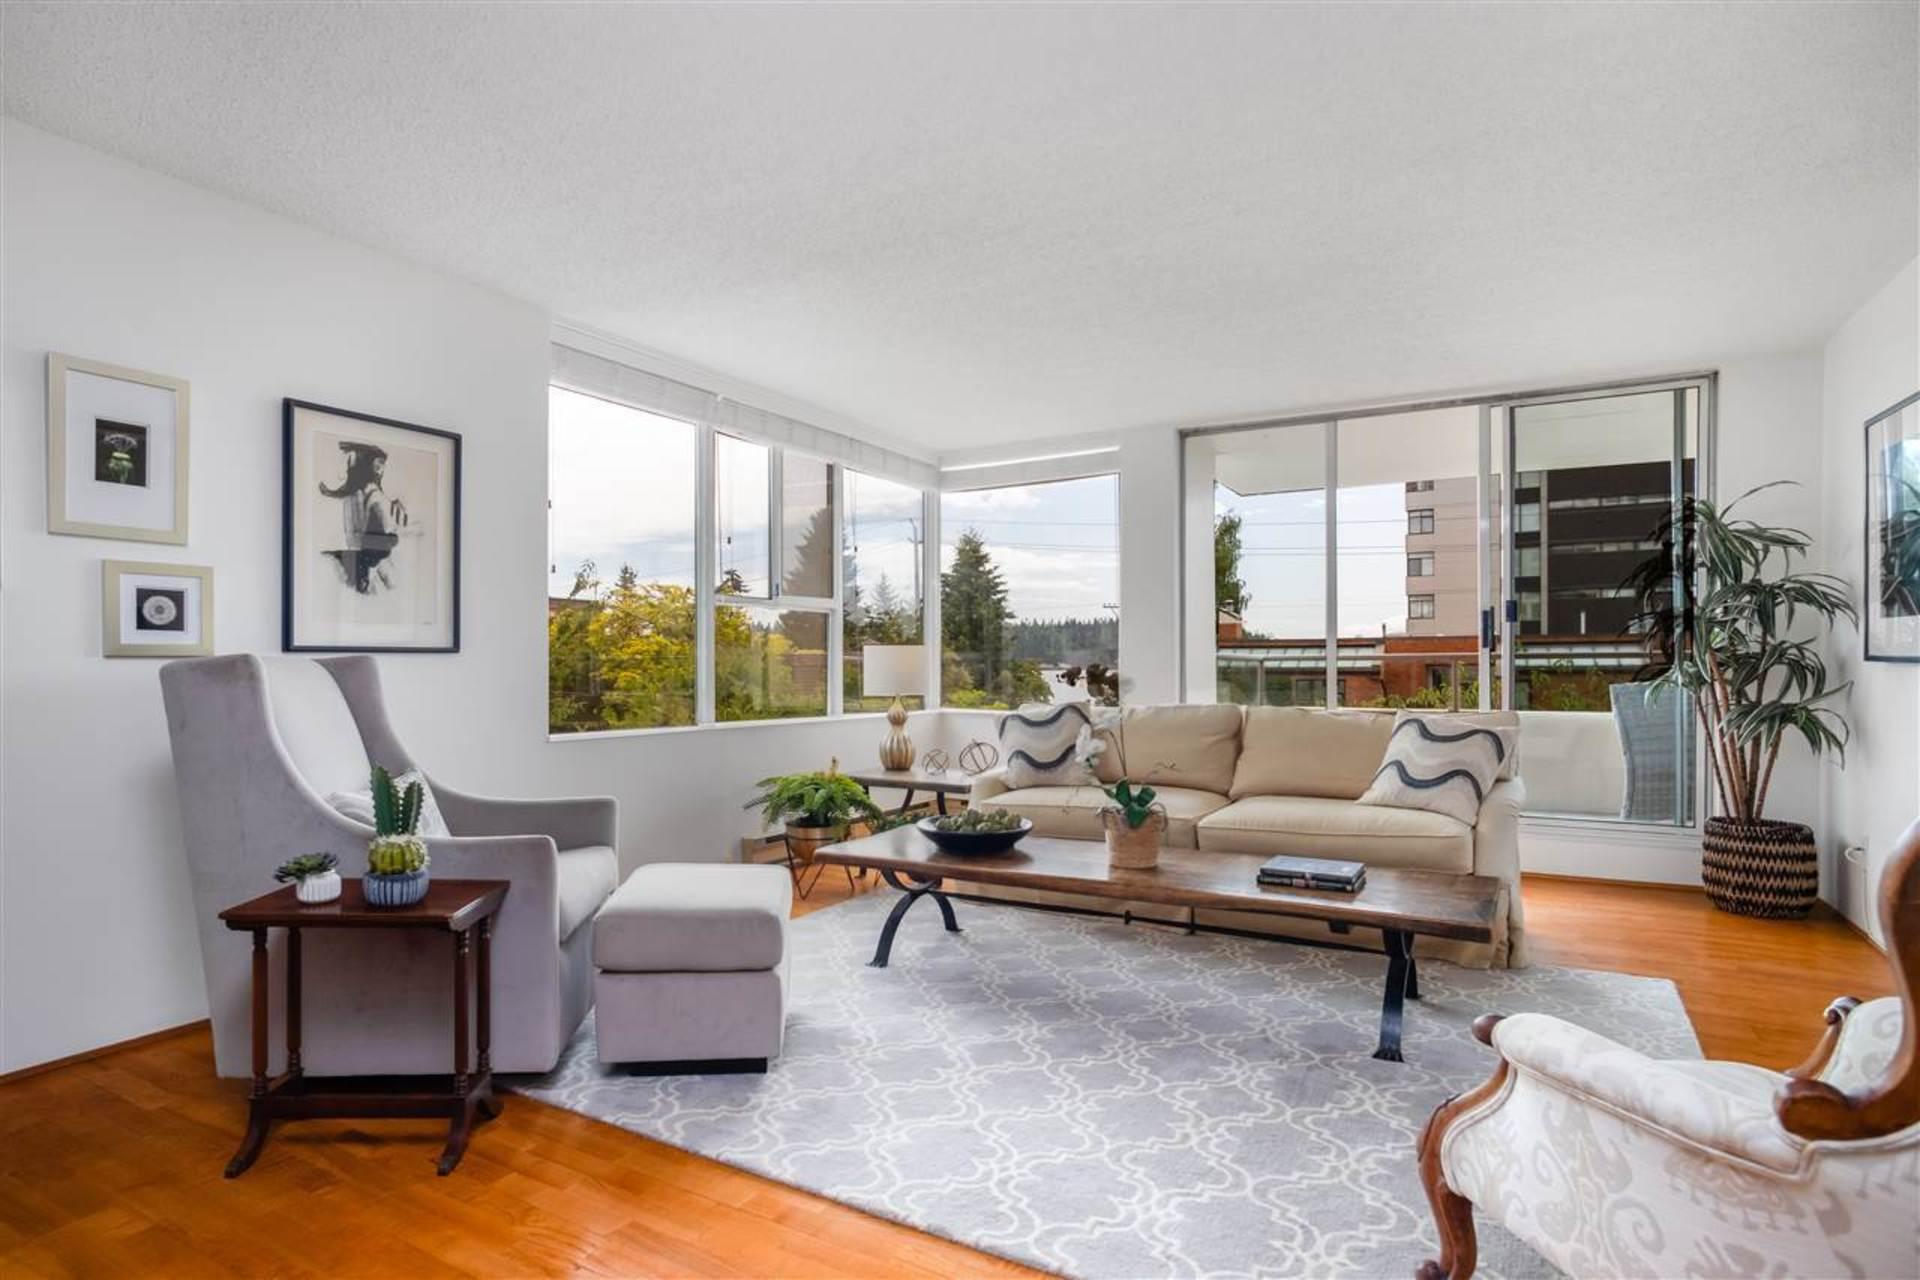 1819-bellevue-avenue-ambleside-west-vancouver-04 at 200 - 1819 Bellevue Avenue, Ambleside, West Vancouver